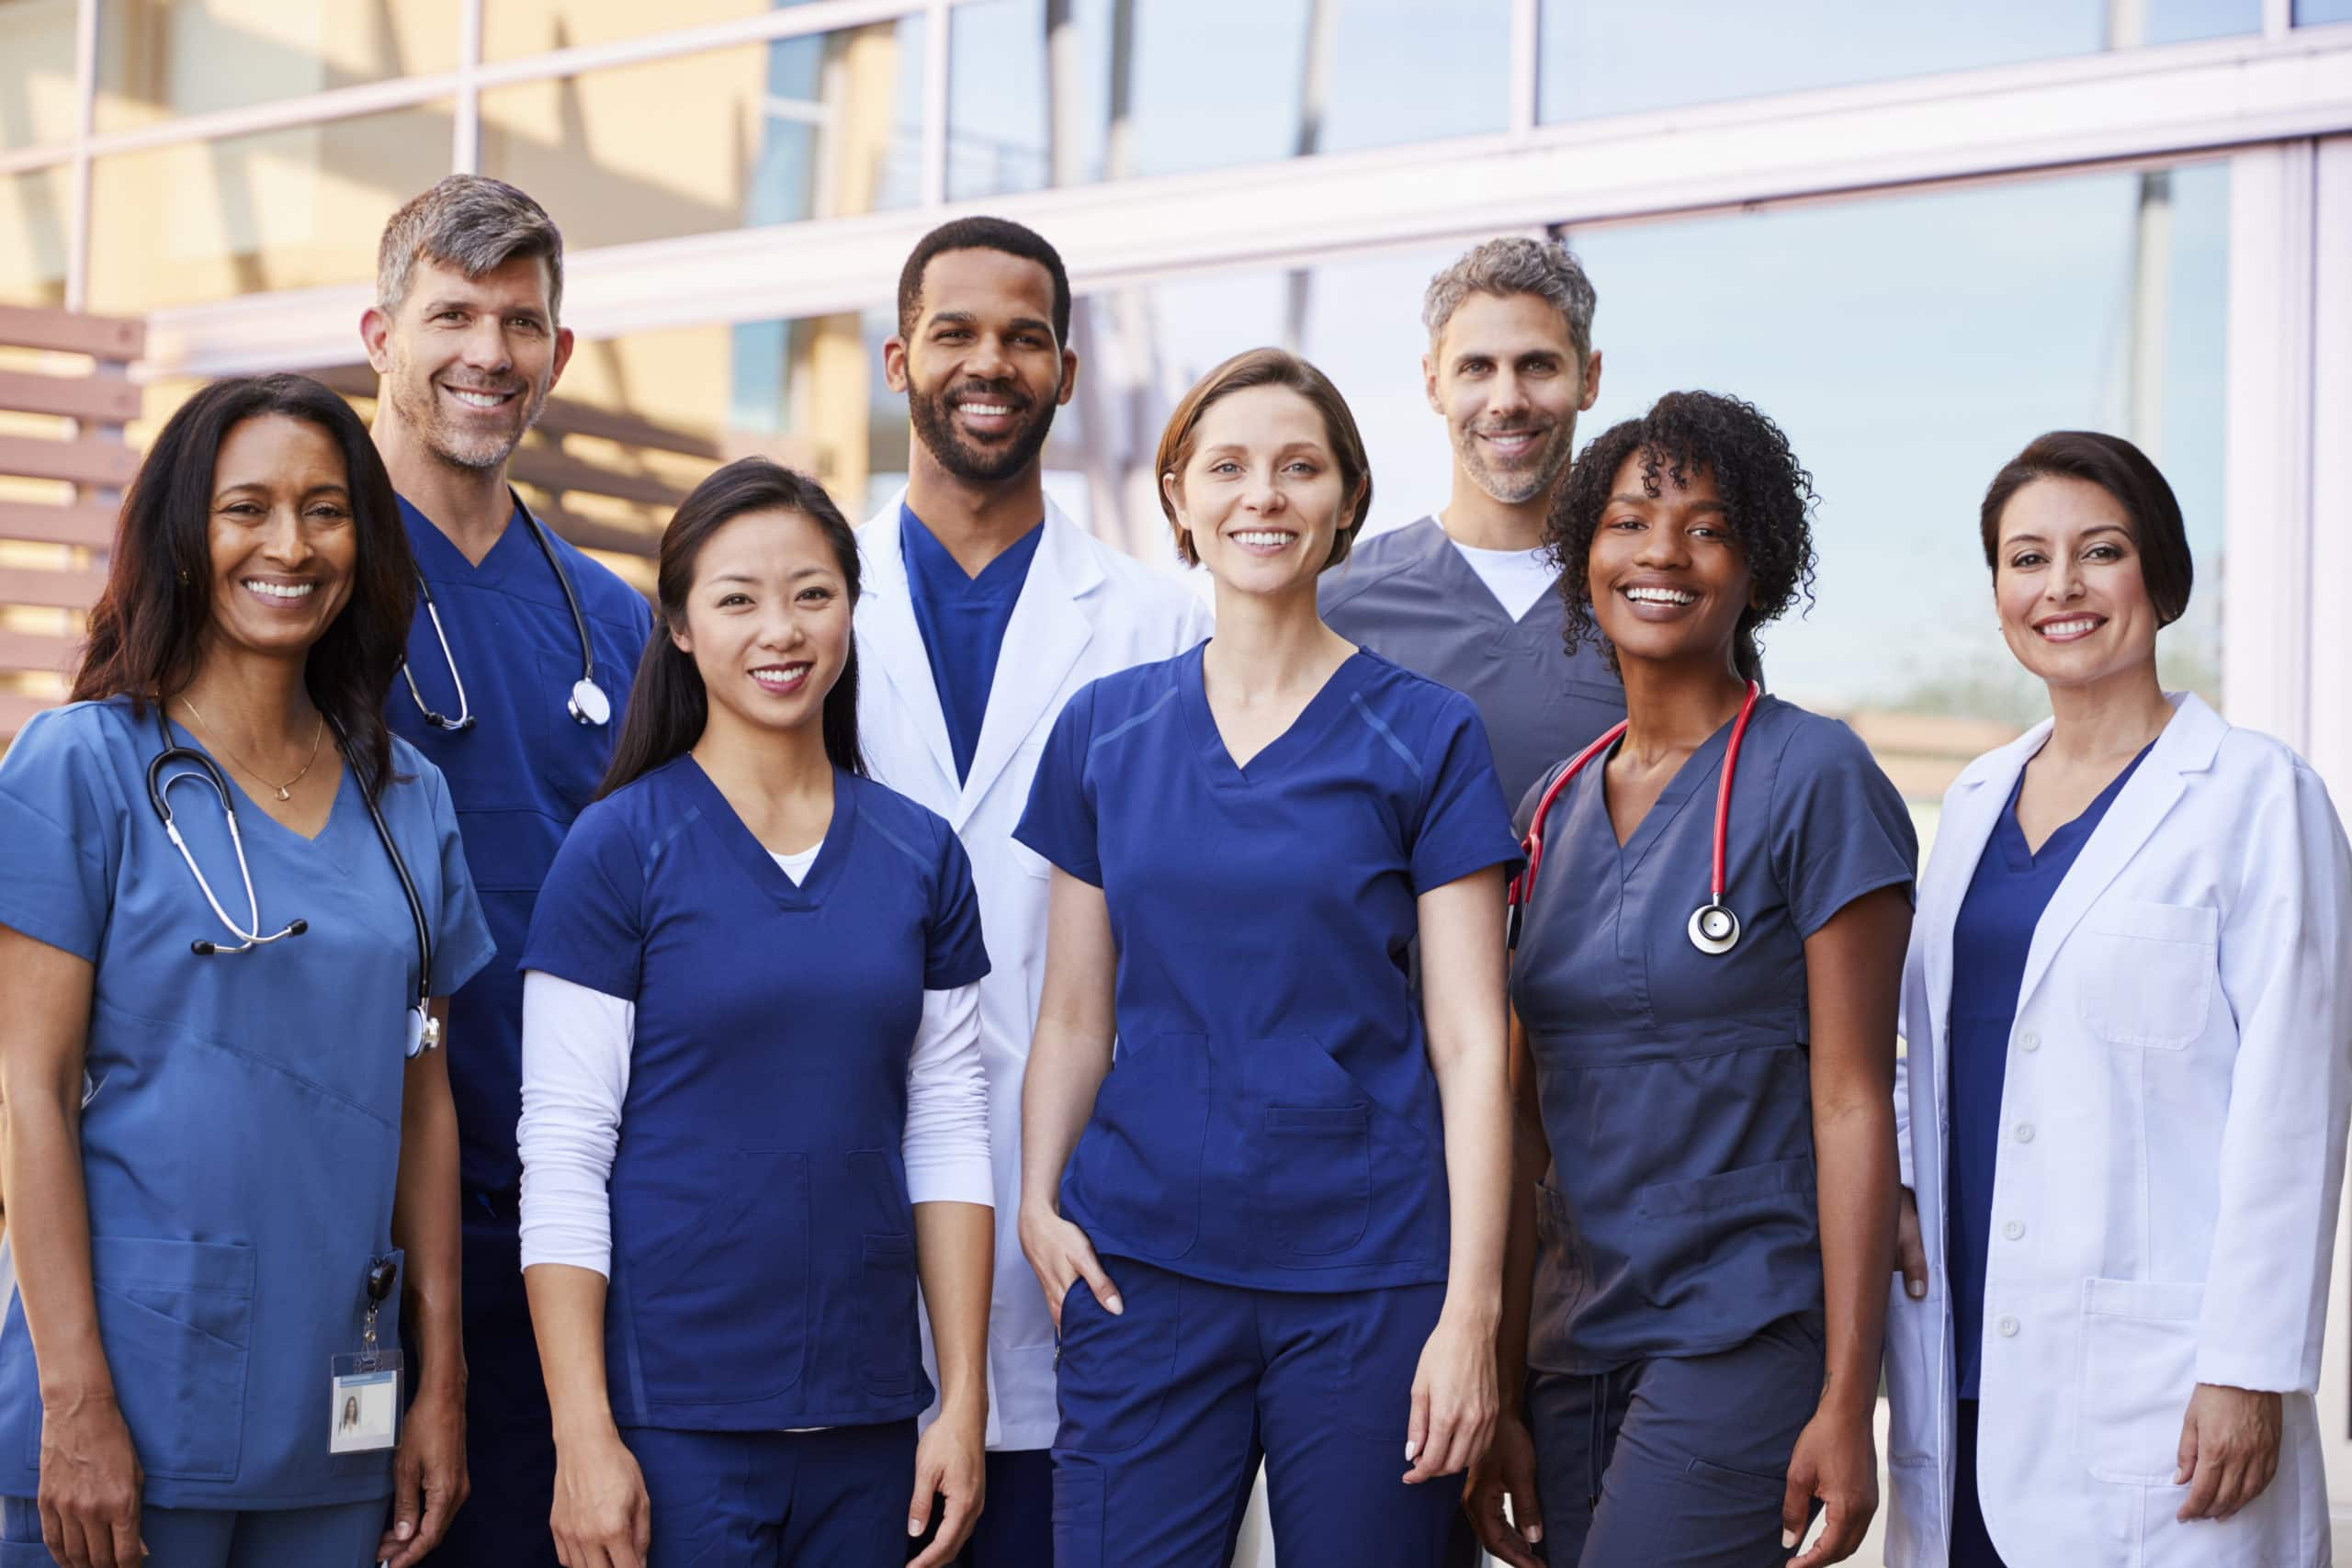 medical malpractice lawyers Washington dc